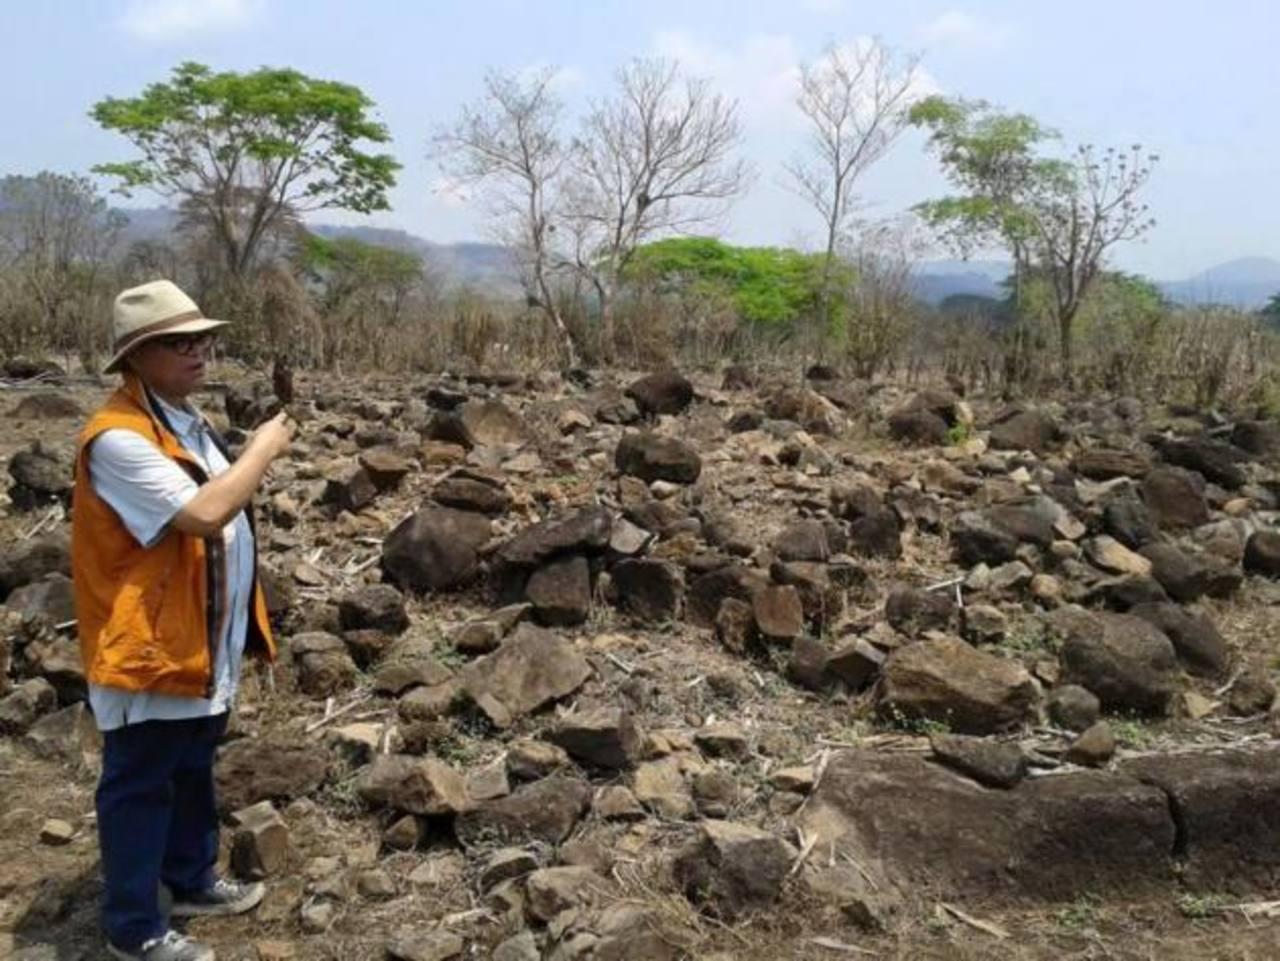 El secretario de Secultura, Ramón Rivas, acompañó la visita al sitio arqueológico. El casco de la hacienda adquirido tuvo un costo de 280 mil dólares. foto EDH / cortesía